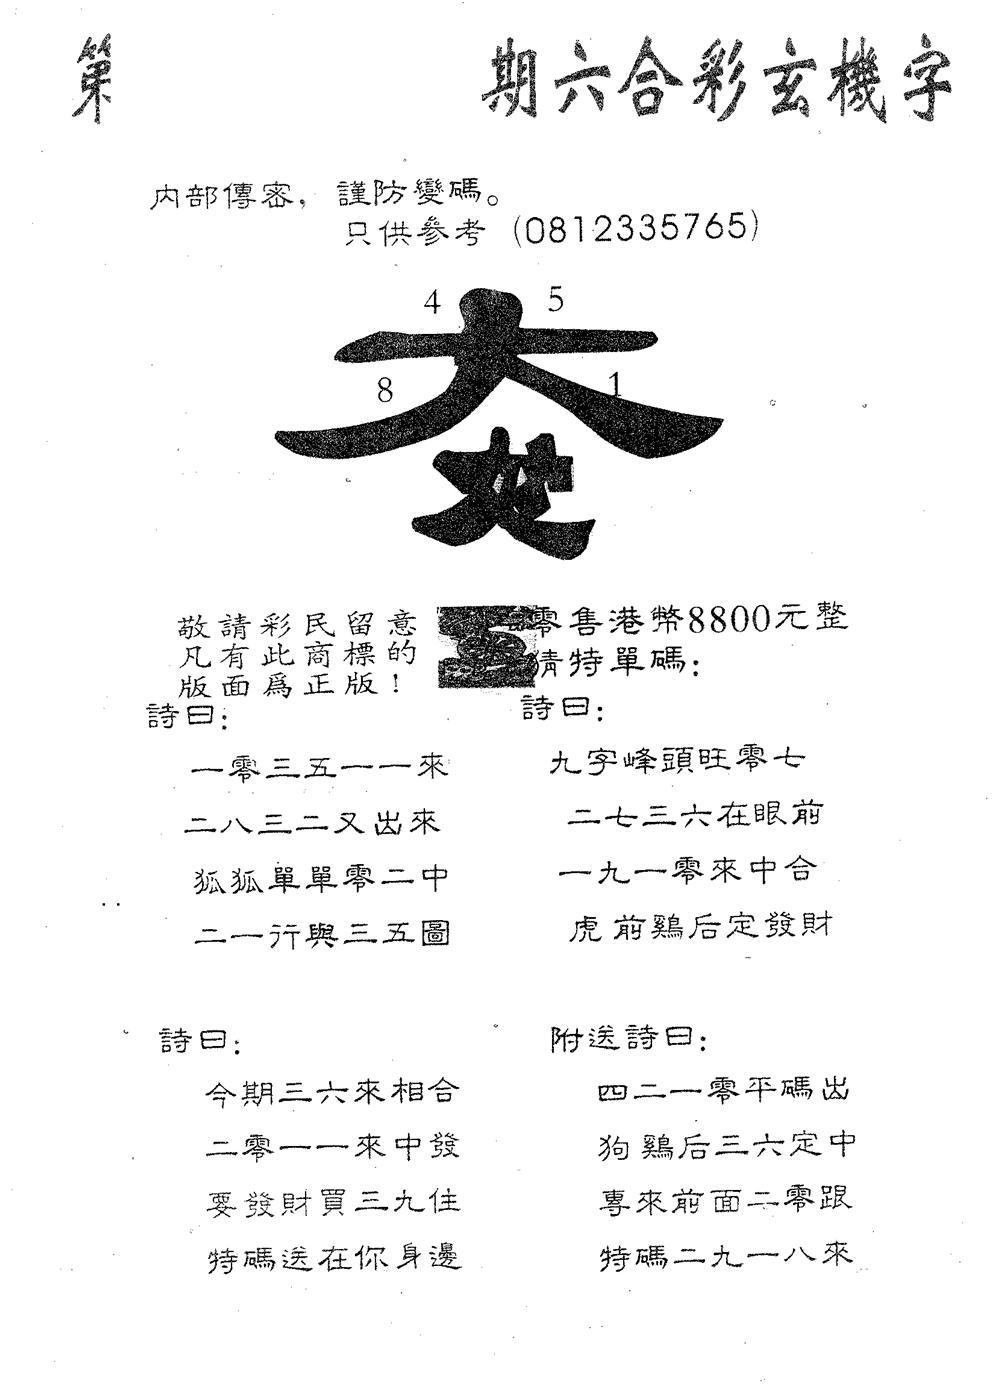 052期玄机字8800(黑白)